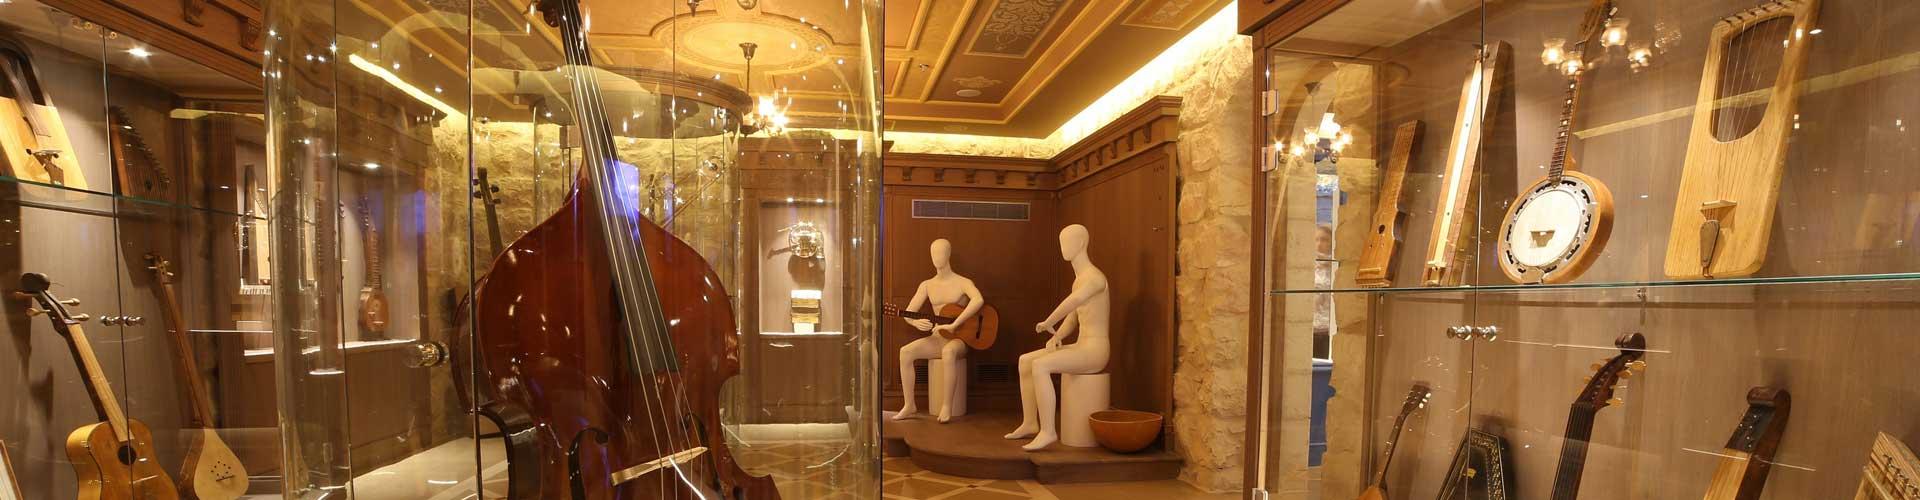 מוזיאון המוסיקה בירושלים - כיכר המוזיקה